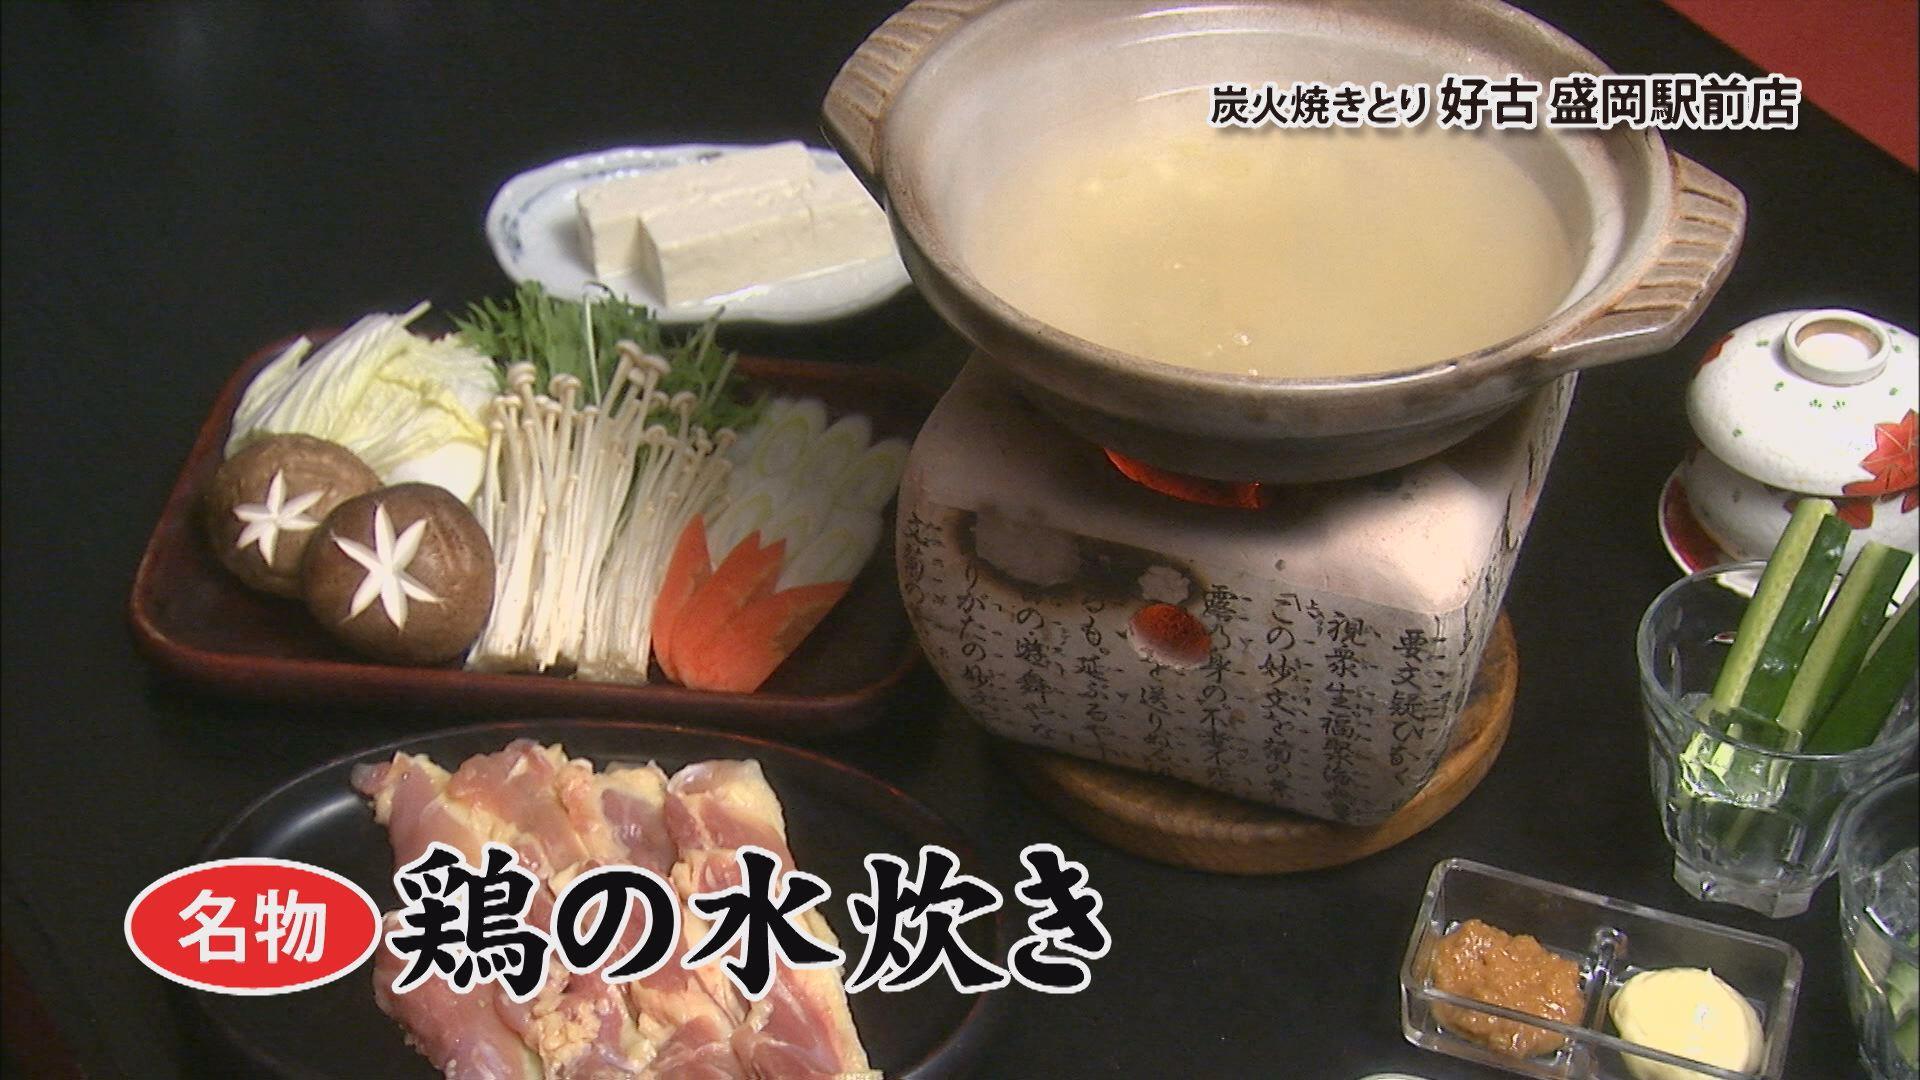 人気メニュー 鶏の水炊き